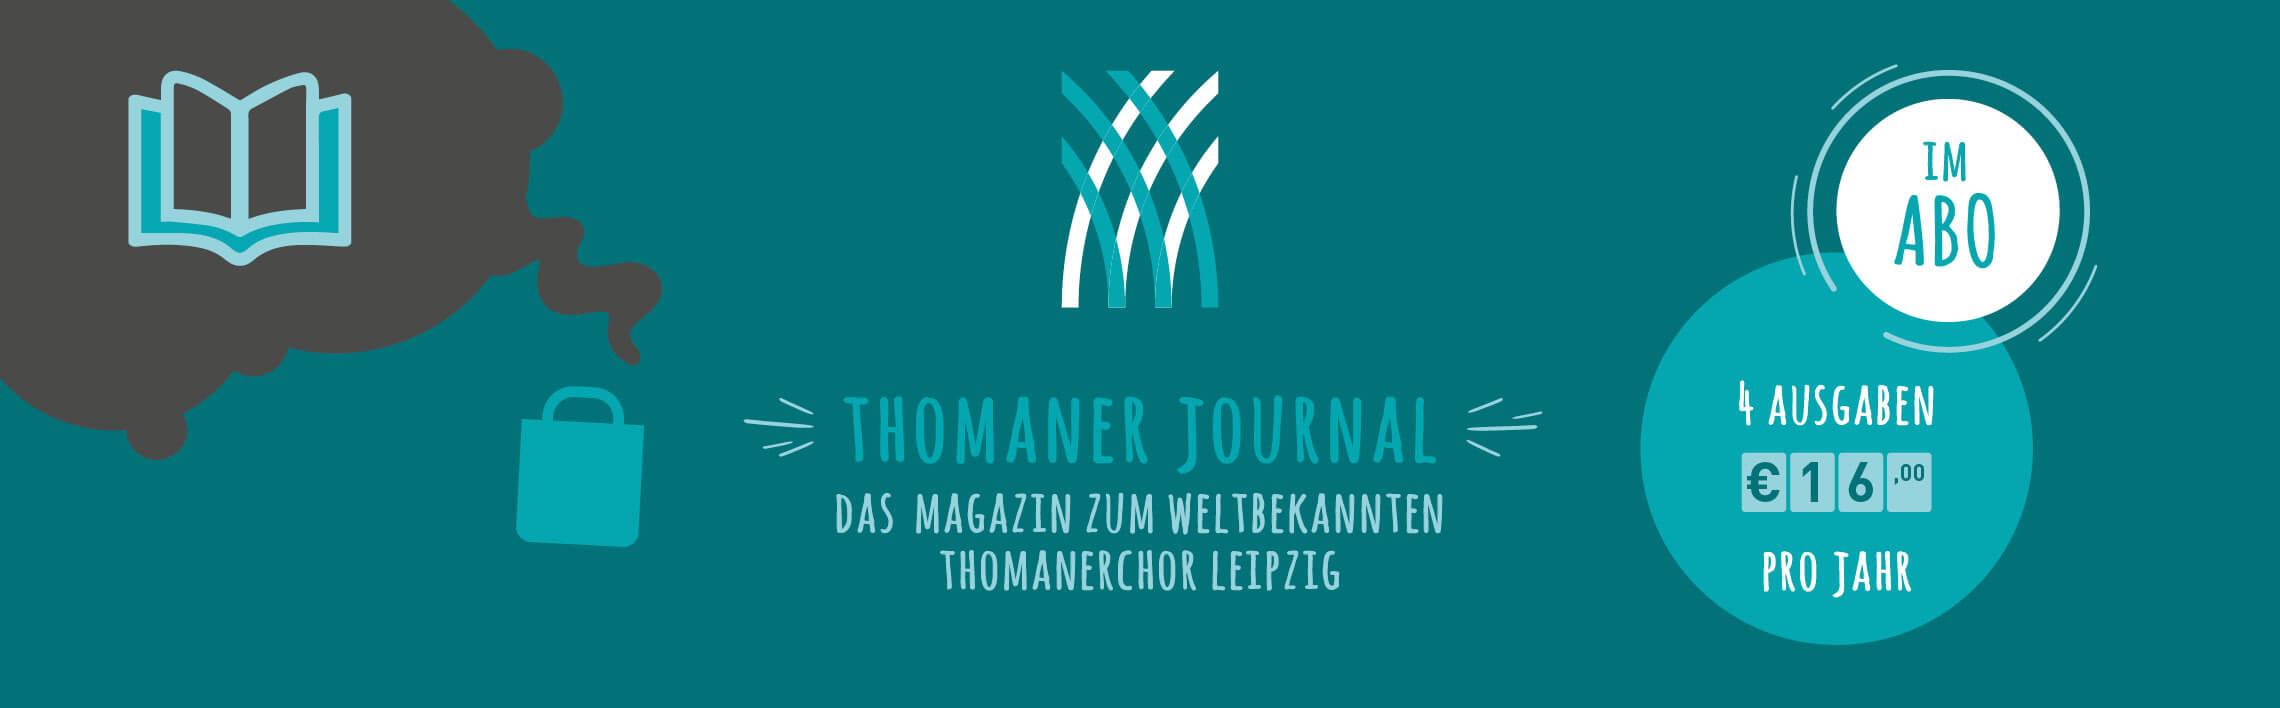 KulturShop Online Abonnement Thomaner Journal Musiksatdt Leipzig